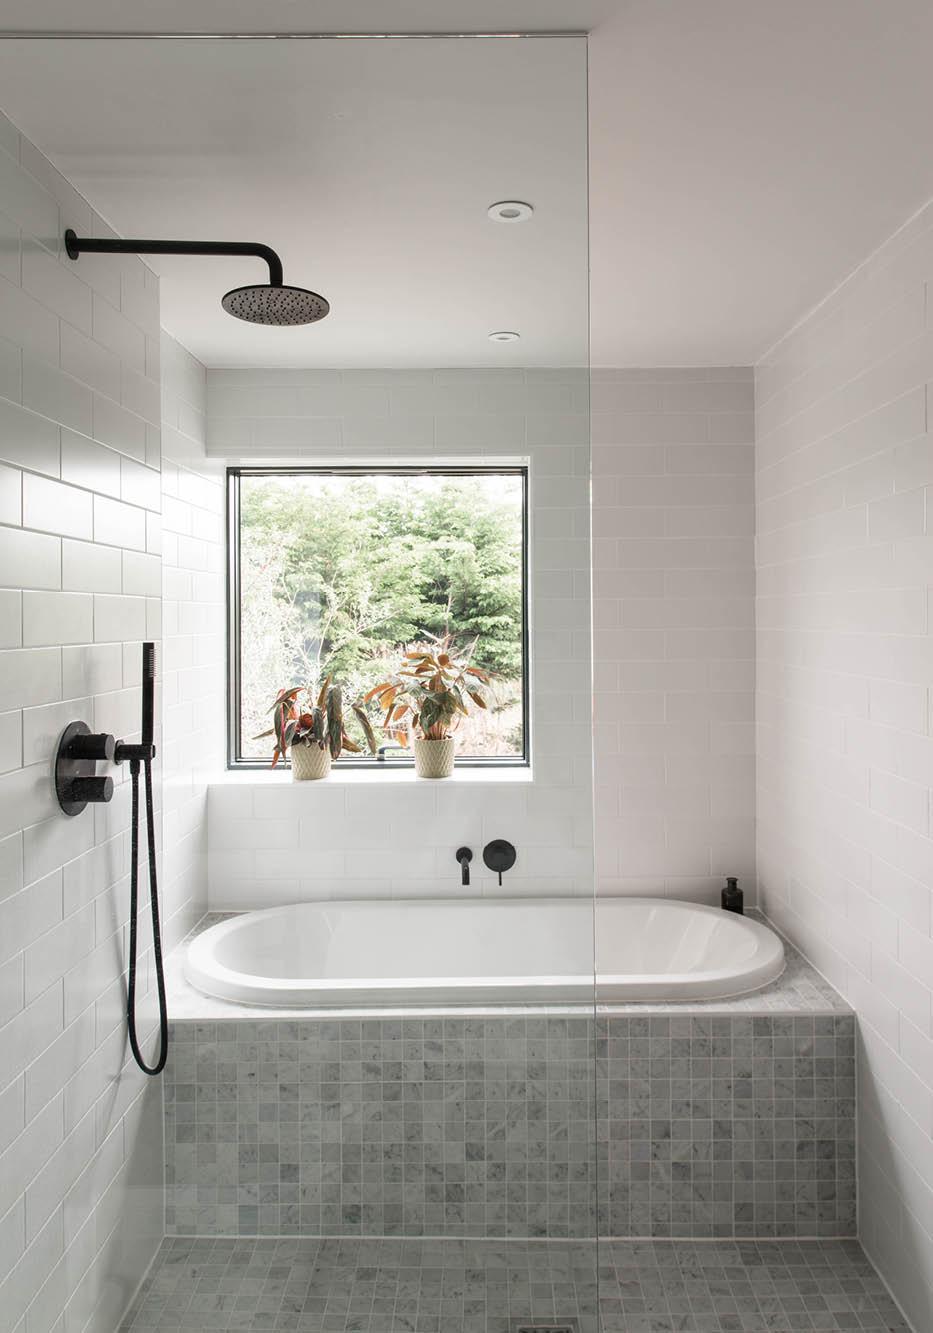 Designcubed Architects Blackheath 26